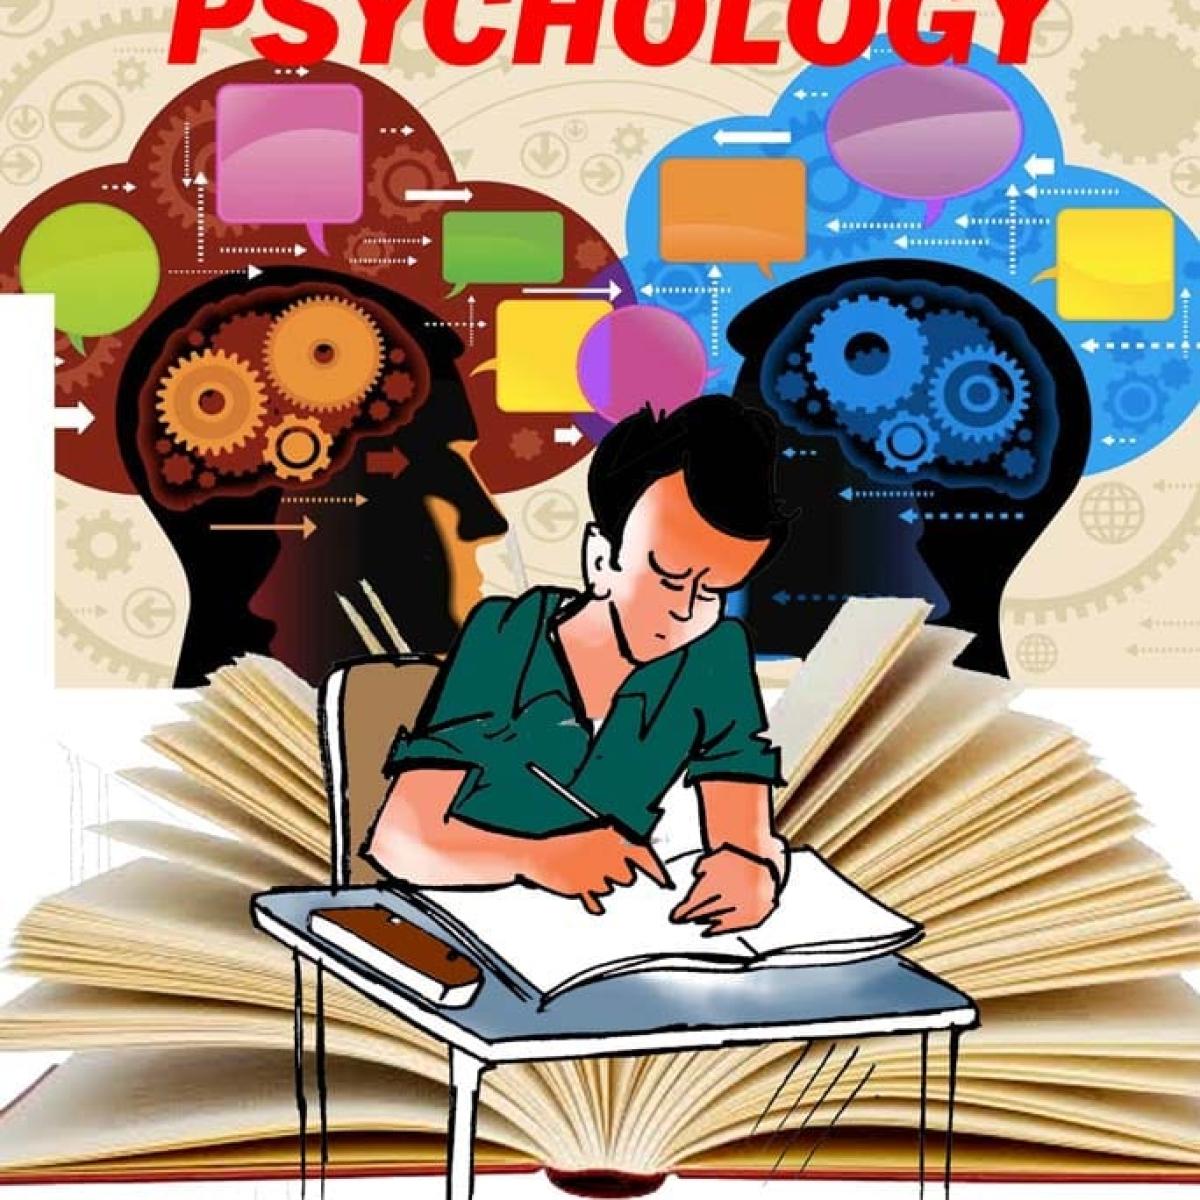 Exam Tips: Use PQRST technique for better retention, says Psychology teacher Nida Khan